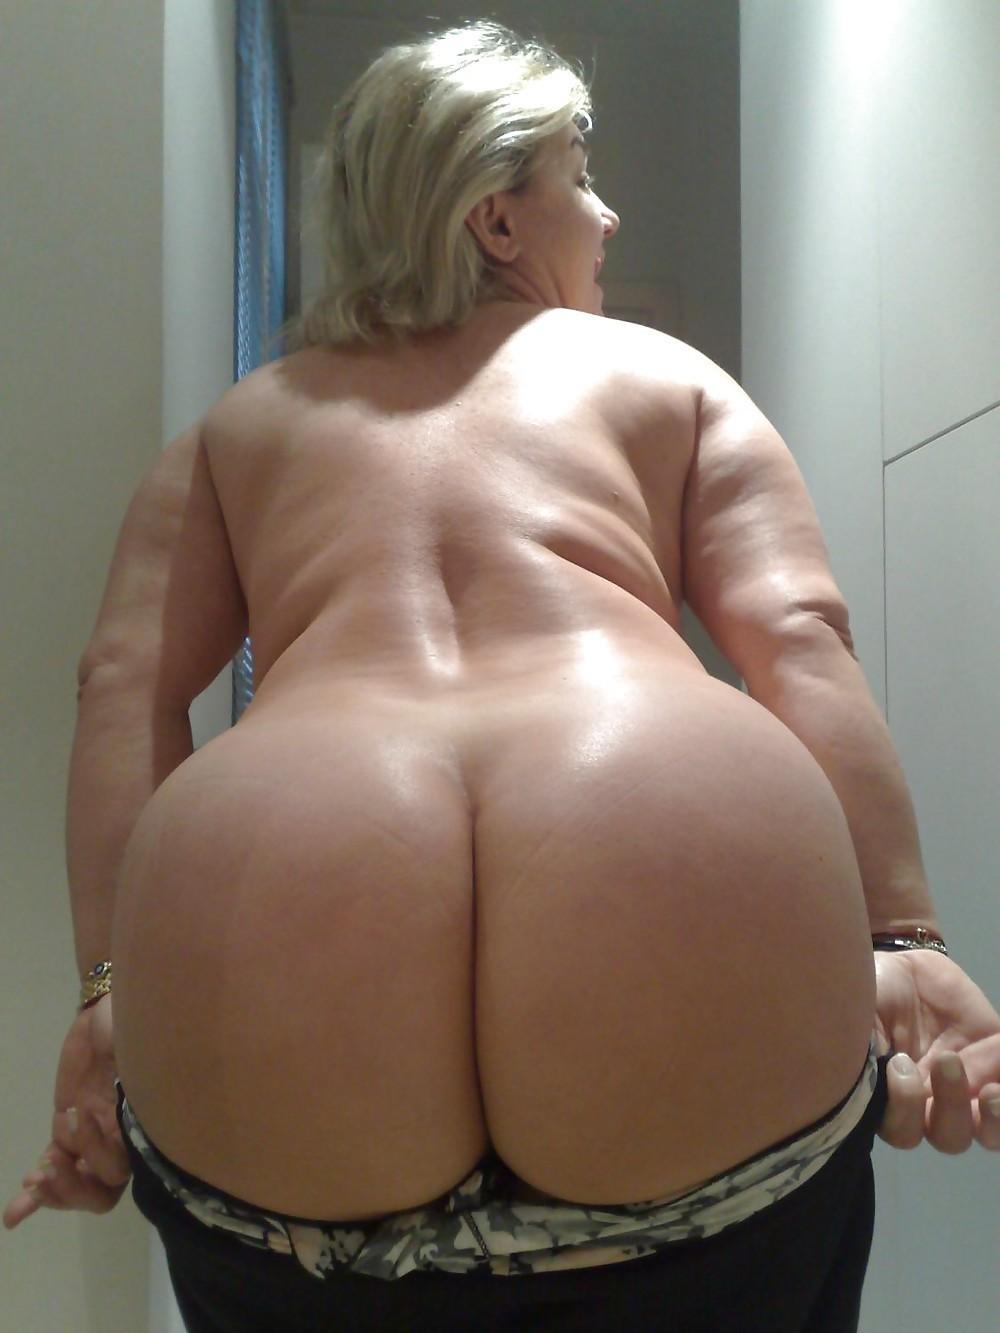 Сочные жопы и сиськи толстых женщин, интервью порно онлайн